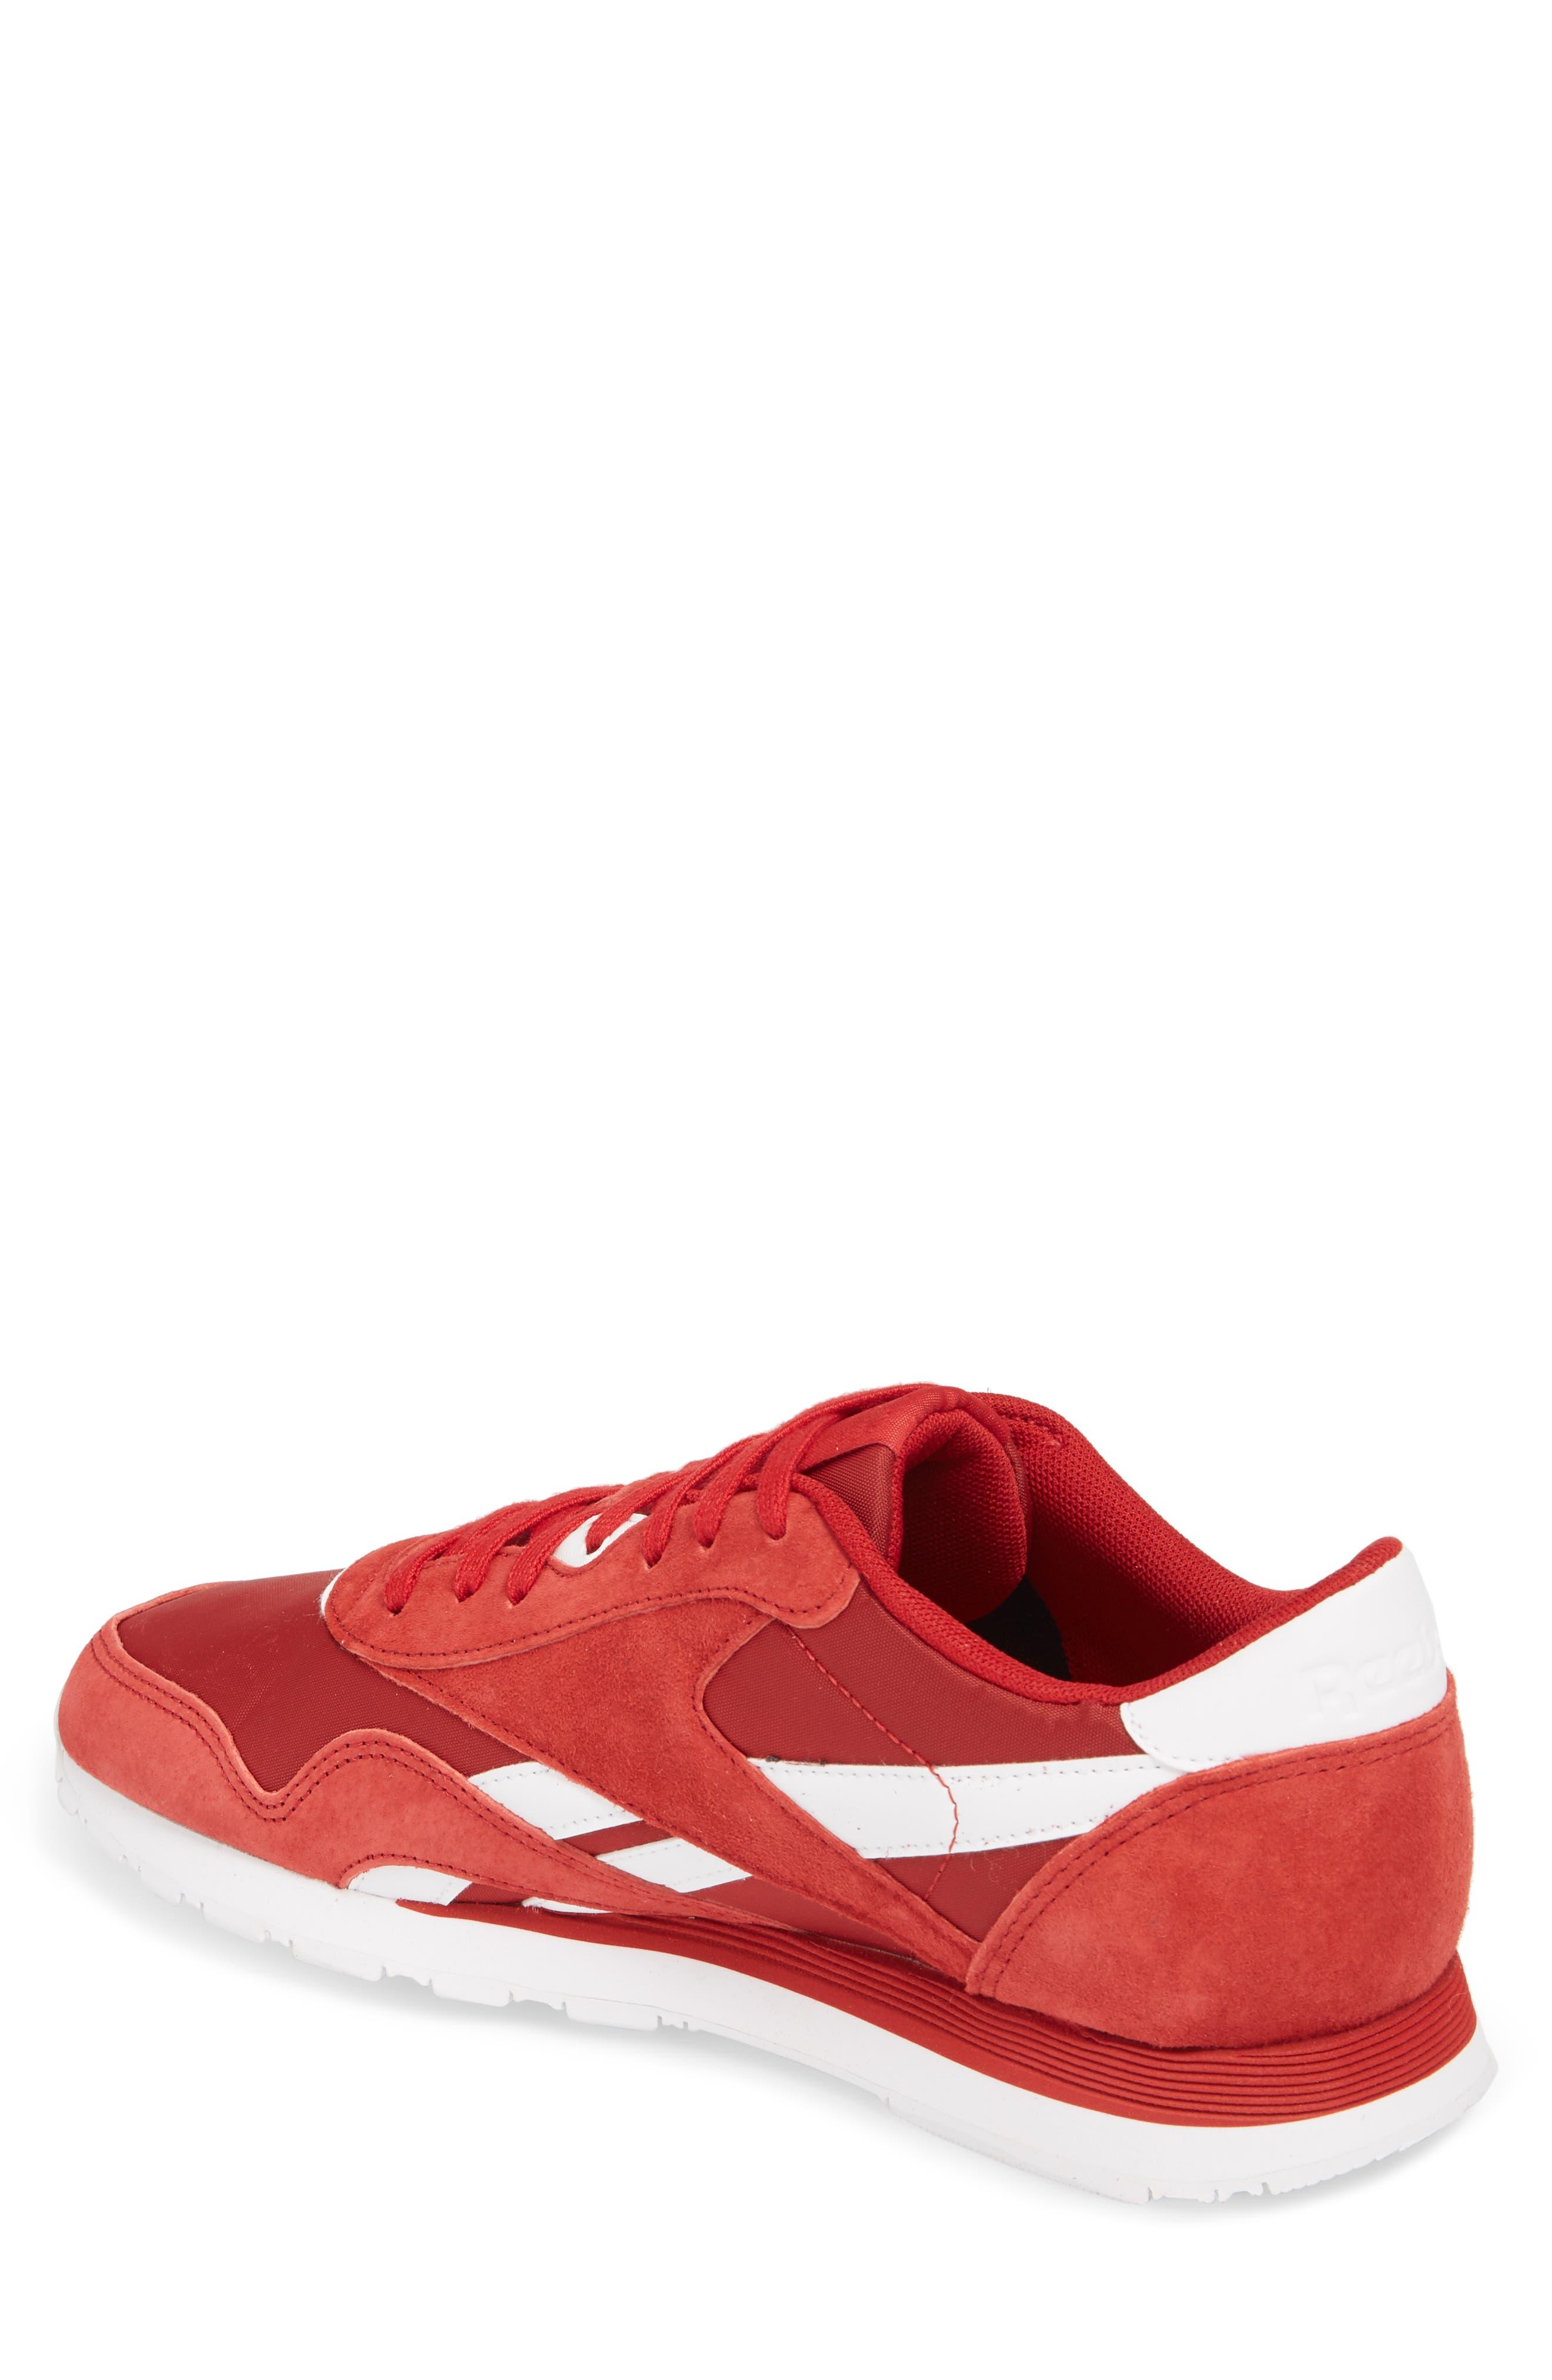 Classic Nylon PN Sneaker,                             Alternate thumbnail 2, color,                             Power Red/ White